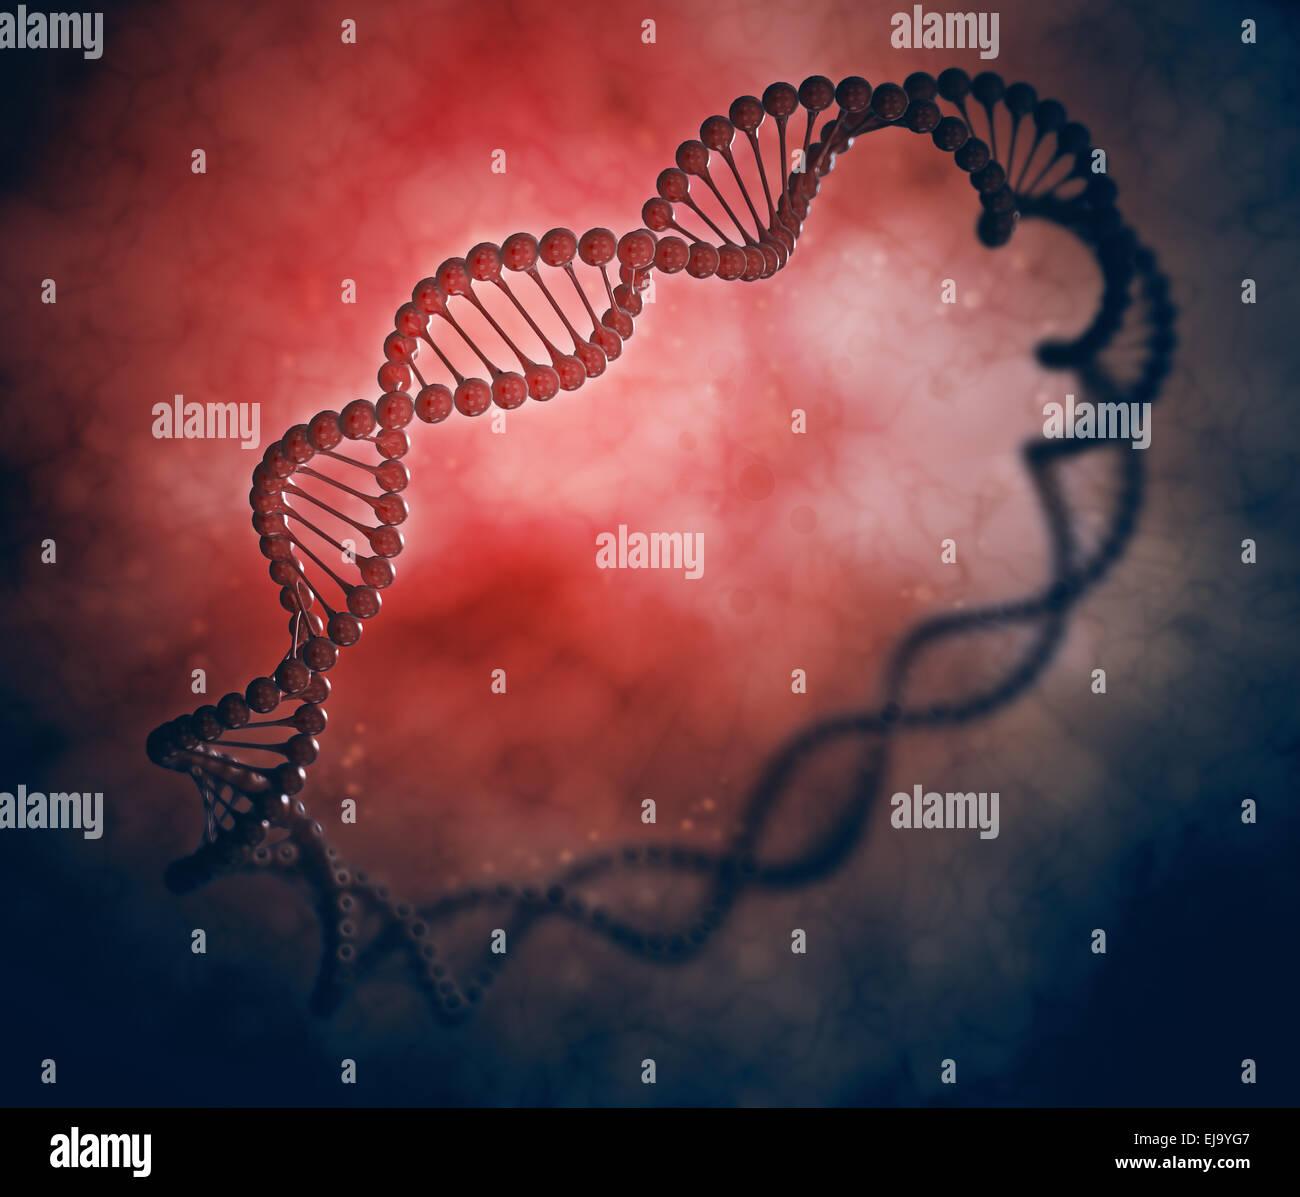 DNA ring stylized genetics illustration - Stock Image